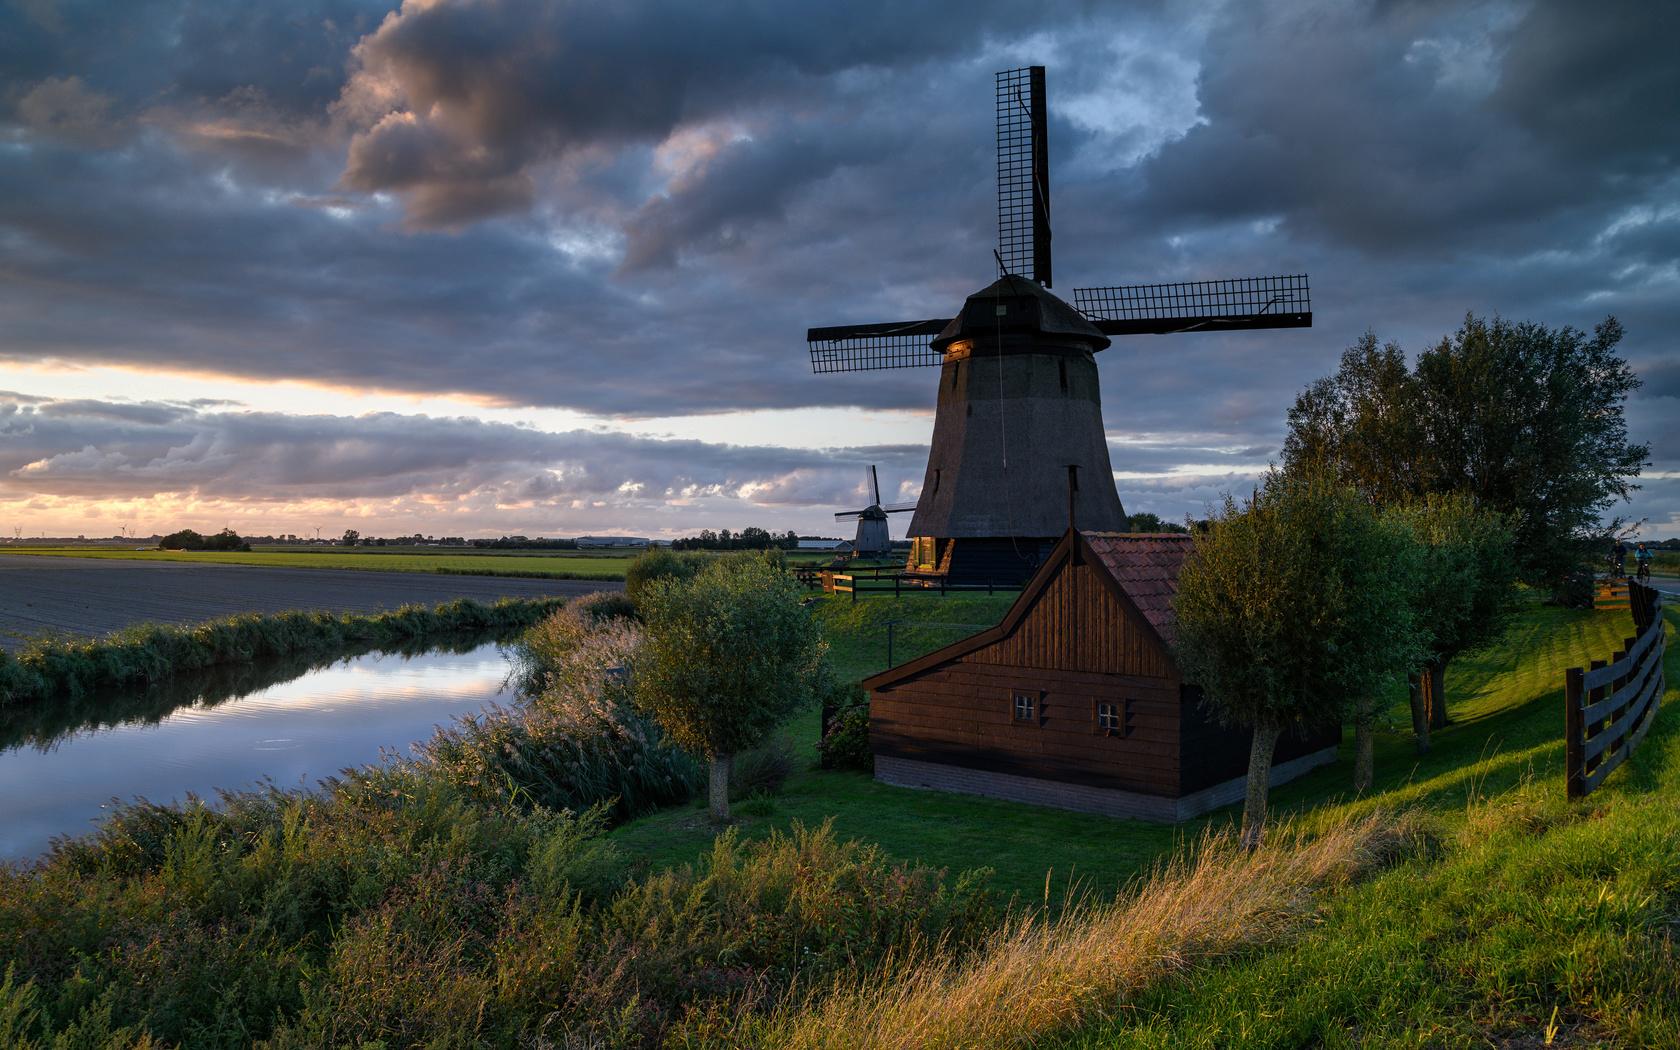 нидерланды, дома, река, вечер, schermerhorn, мельница, деревья, природа